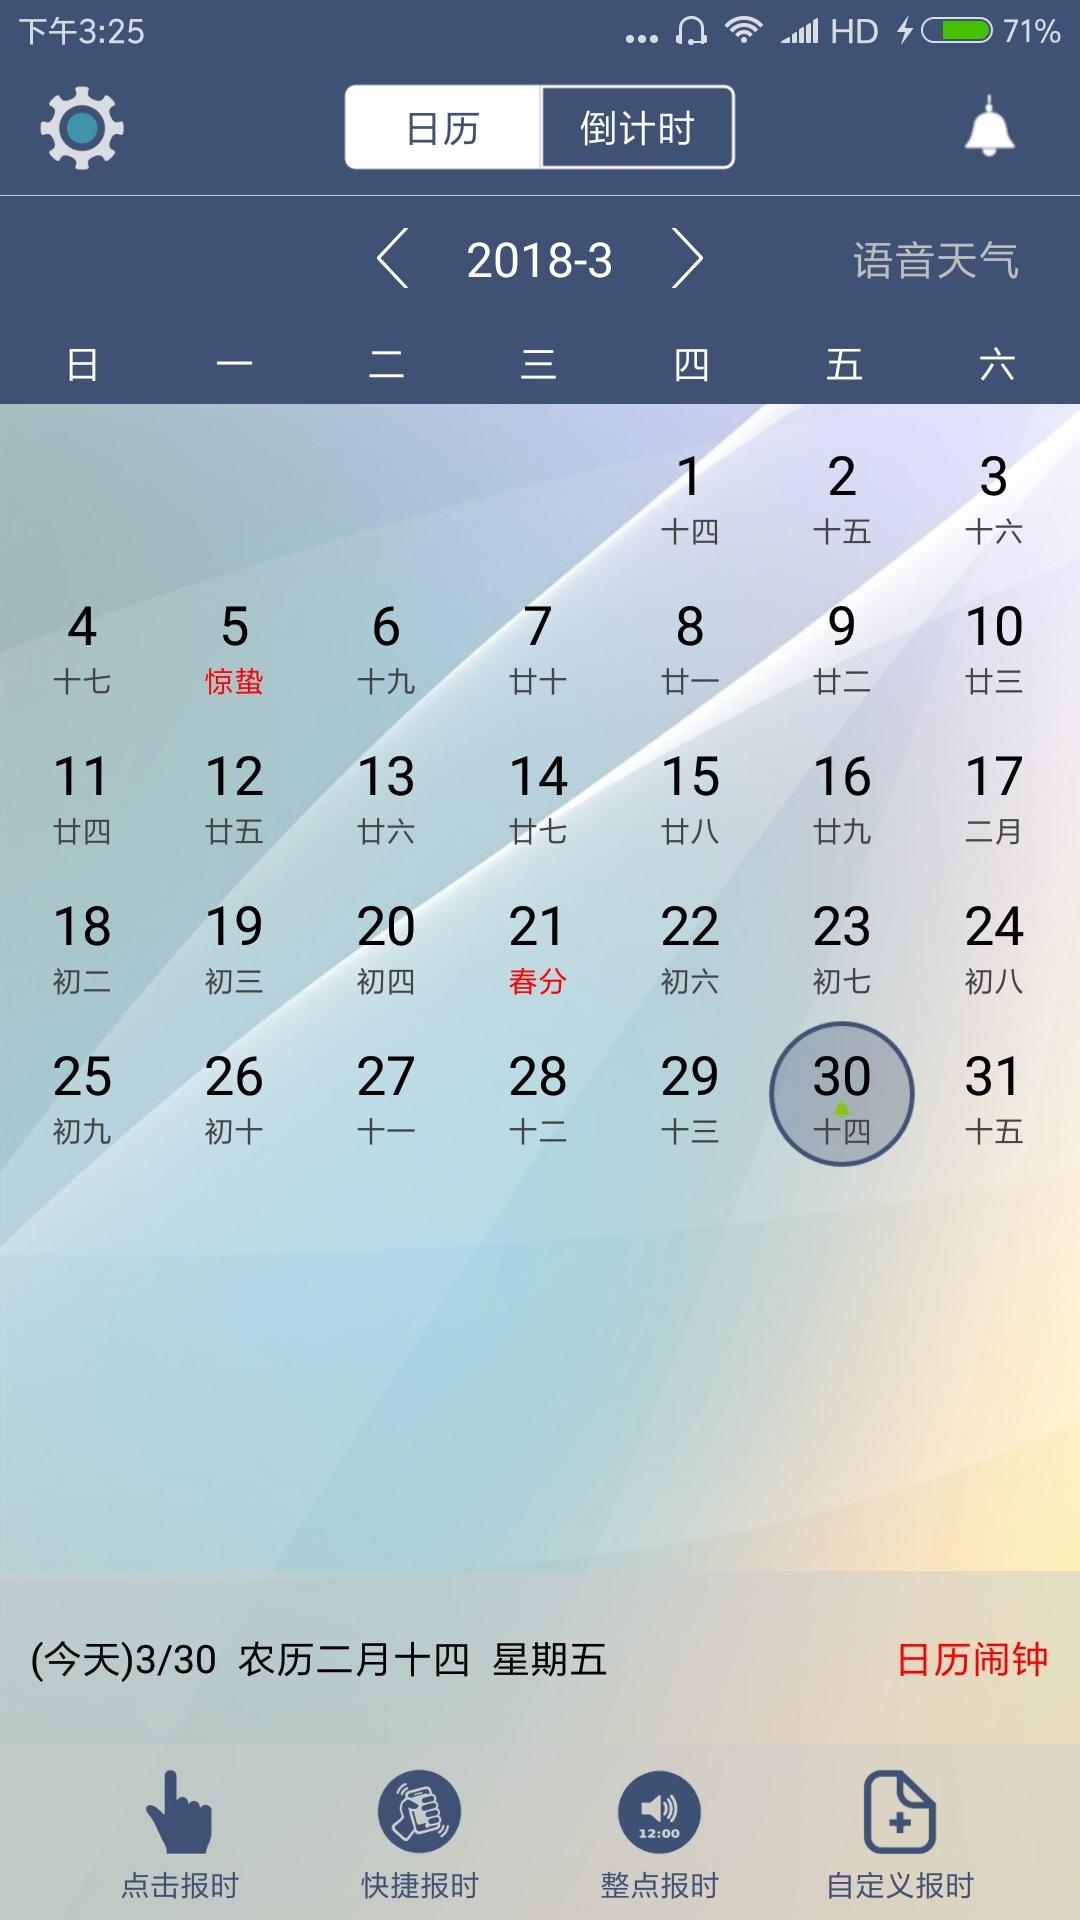 语音报时闹钟 V10.0.5 安卓版截图2